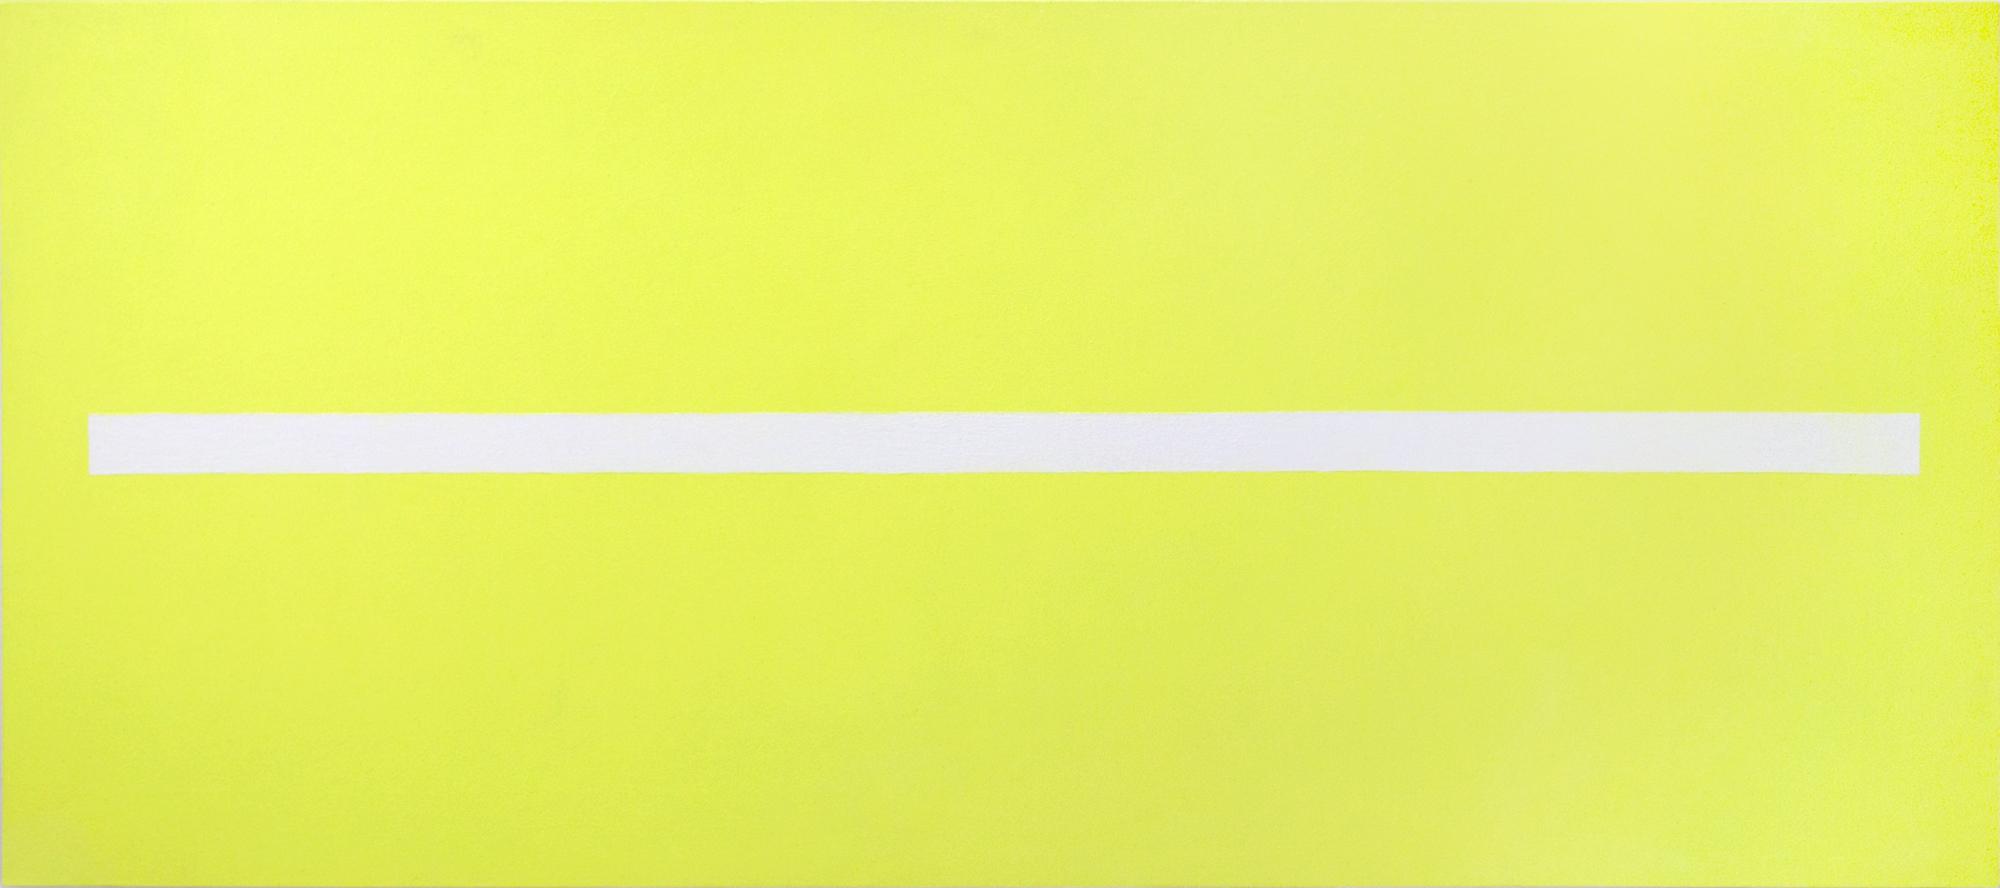 malerier, farverige, grafiske, minimalistiske, stemninger, mønstre, hvide, gule, akryl,  bomuldslærred, abstrakte-former, smukke, lyse, konceptuel, samtidskunst, københavn, dansk, dekorative, design, fantasi, interiør, bolig-indretning, nordisk, skandinavisk, Køb original kunst og kunstplakater. Malerier, tegninger, limited edition kunsttryk & plakater af dygtige kunstnere.